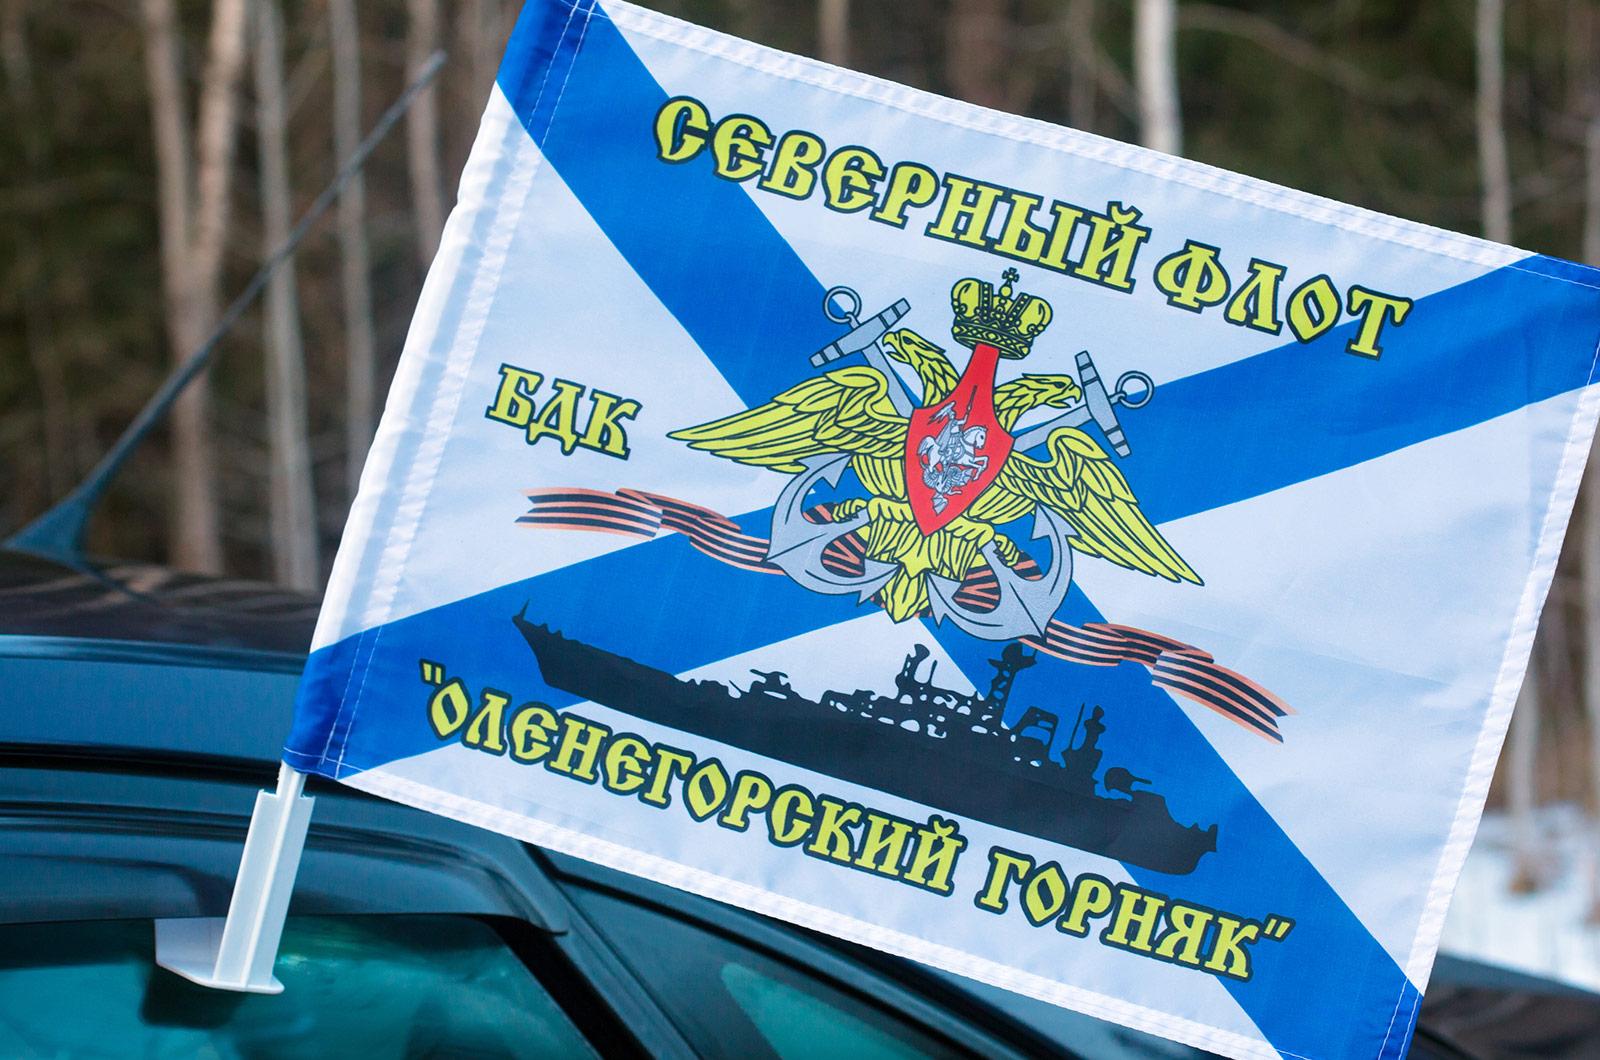 Флаг БДК «Оленегорский Горняк» Северный флот